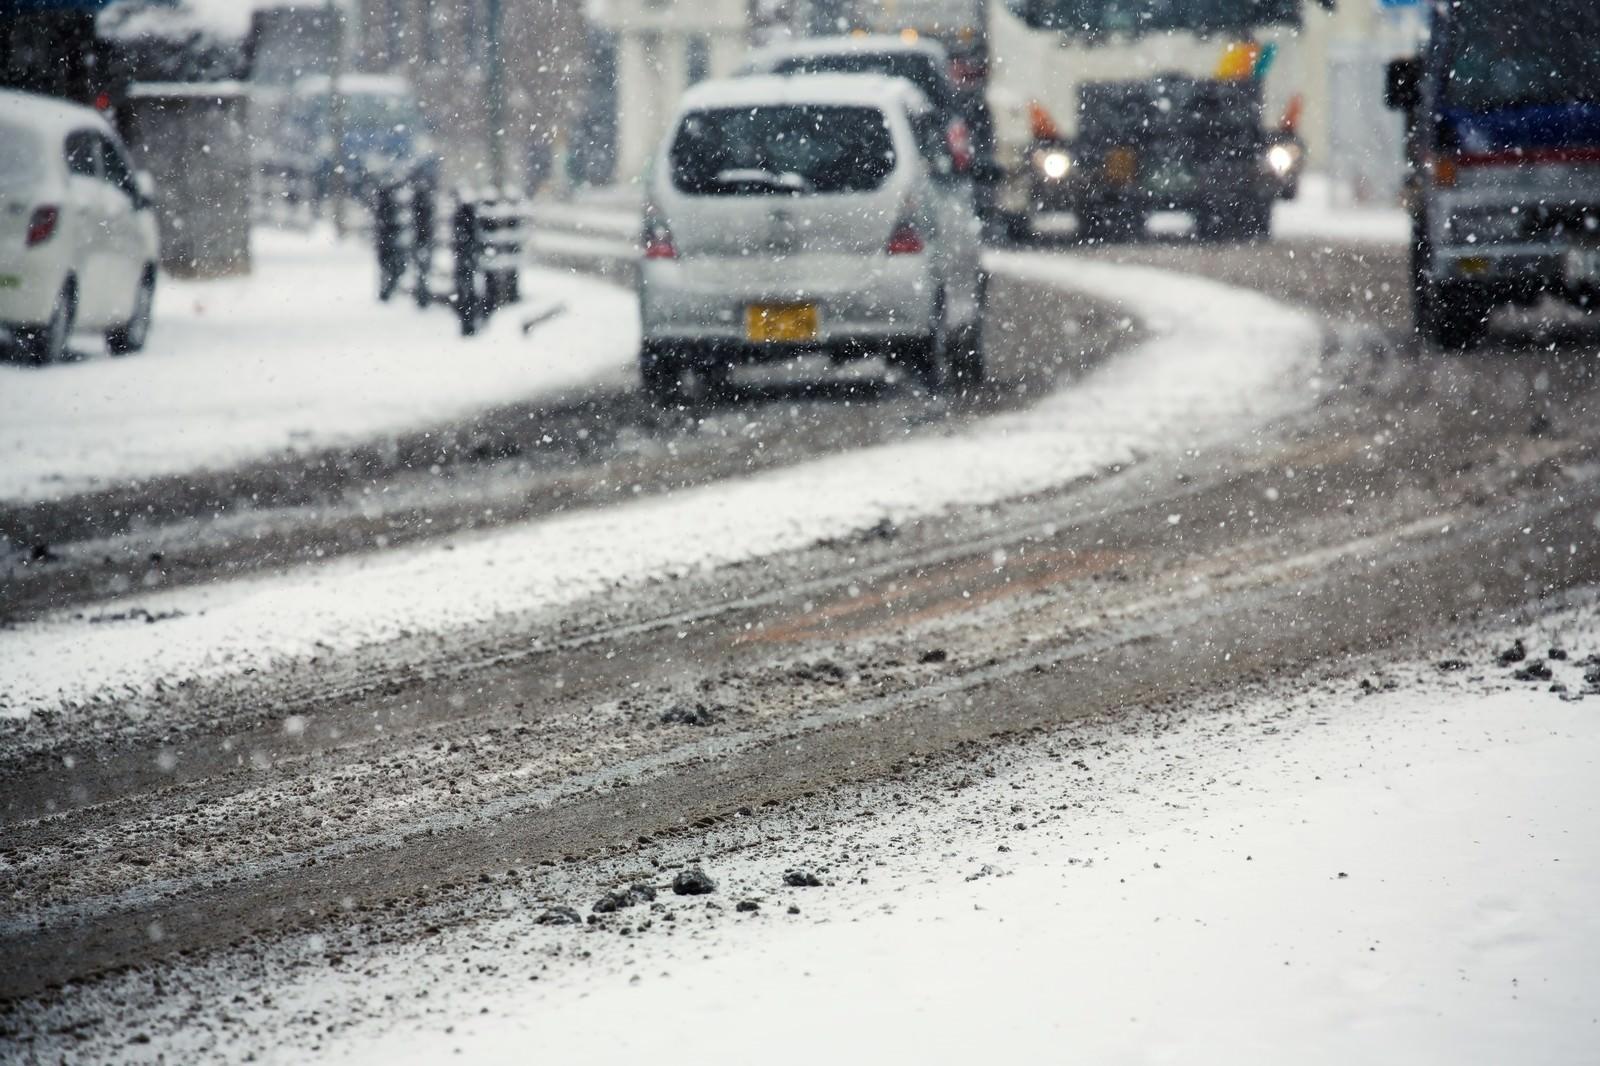 「雪が降り始める道路雪が降り始める道路」のフリー写真素材を拡大